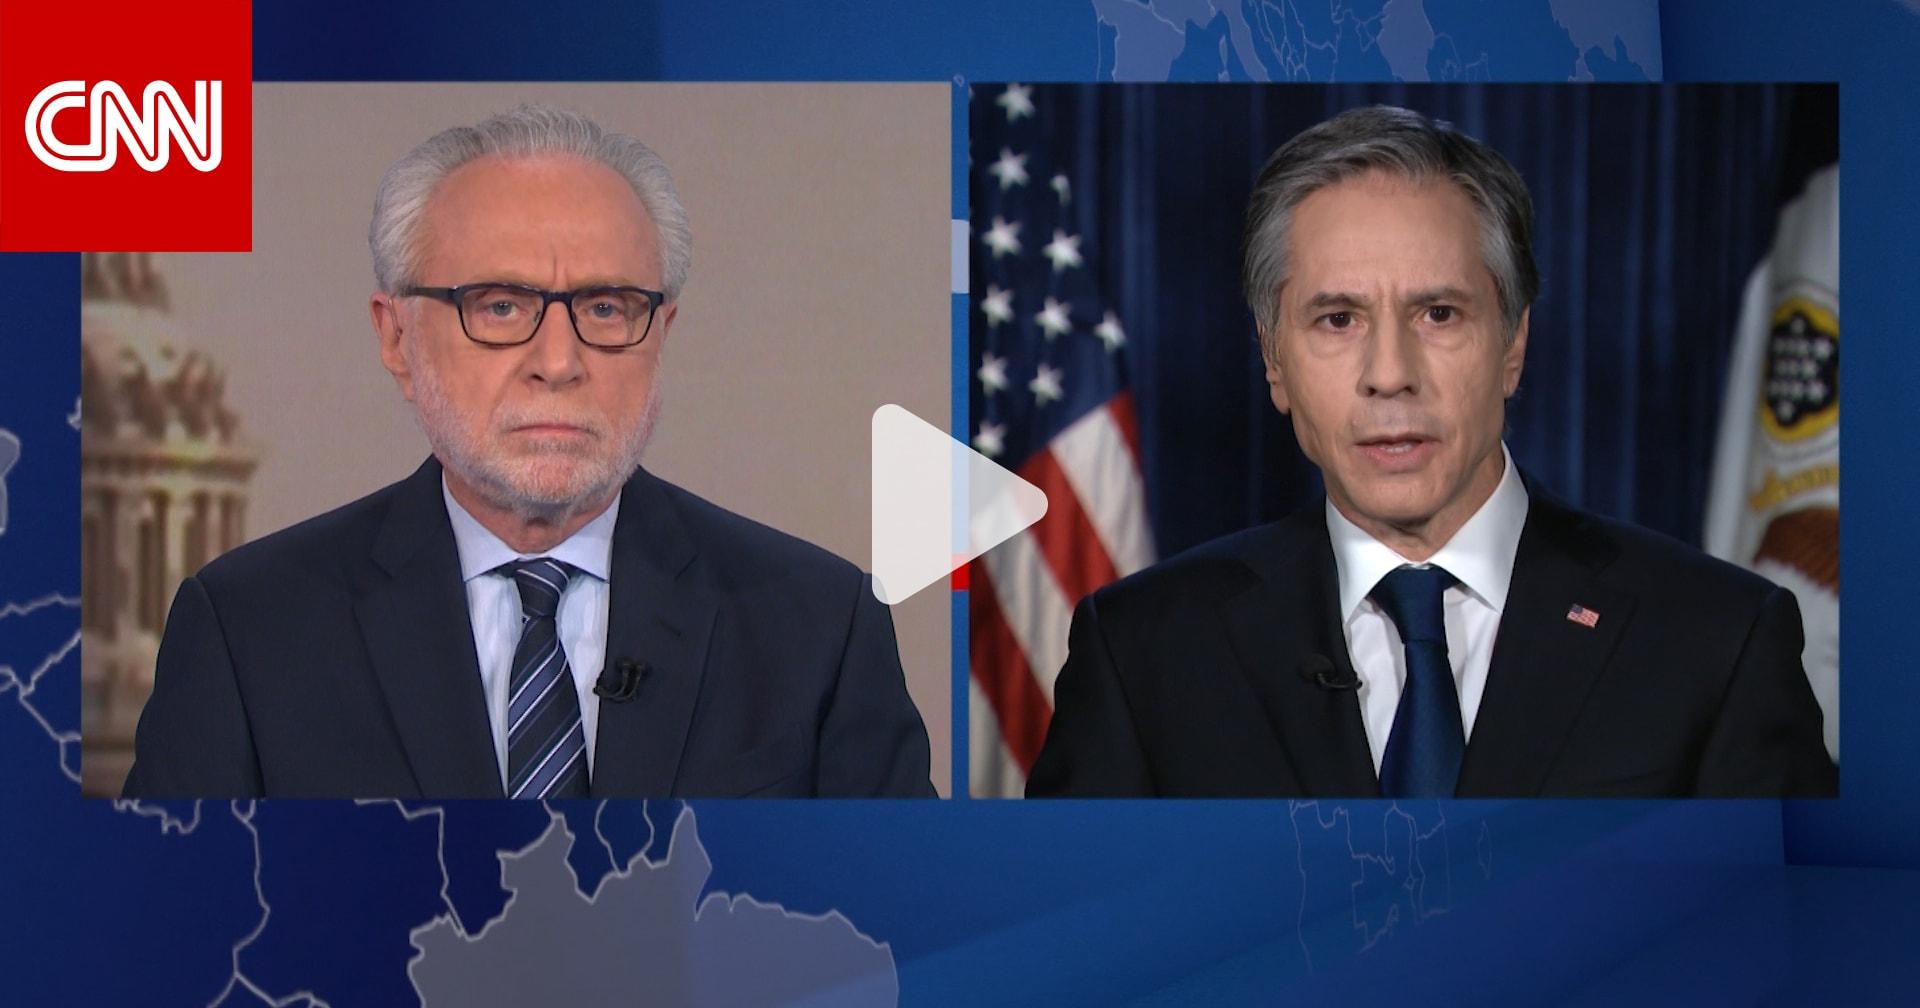 وزير الخارجية الأمريكي لـCNN: لا عودة لنا للاتفاقية مع إيران إلا بامتثالها للالتزامات